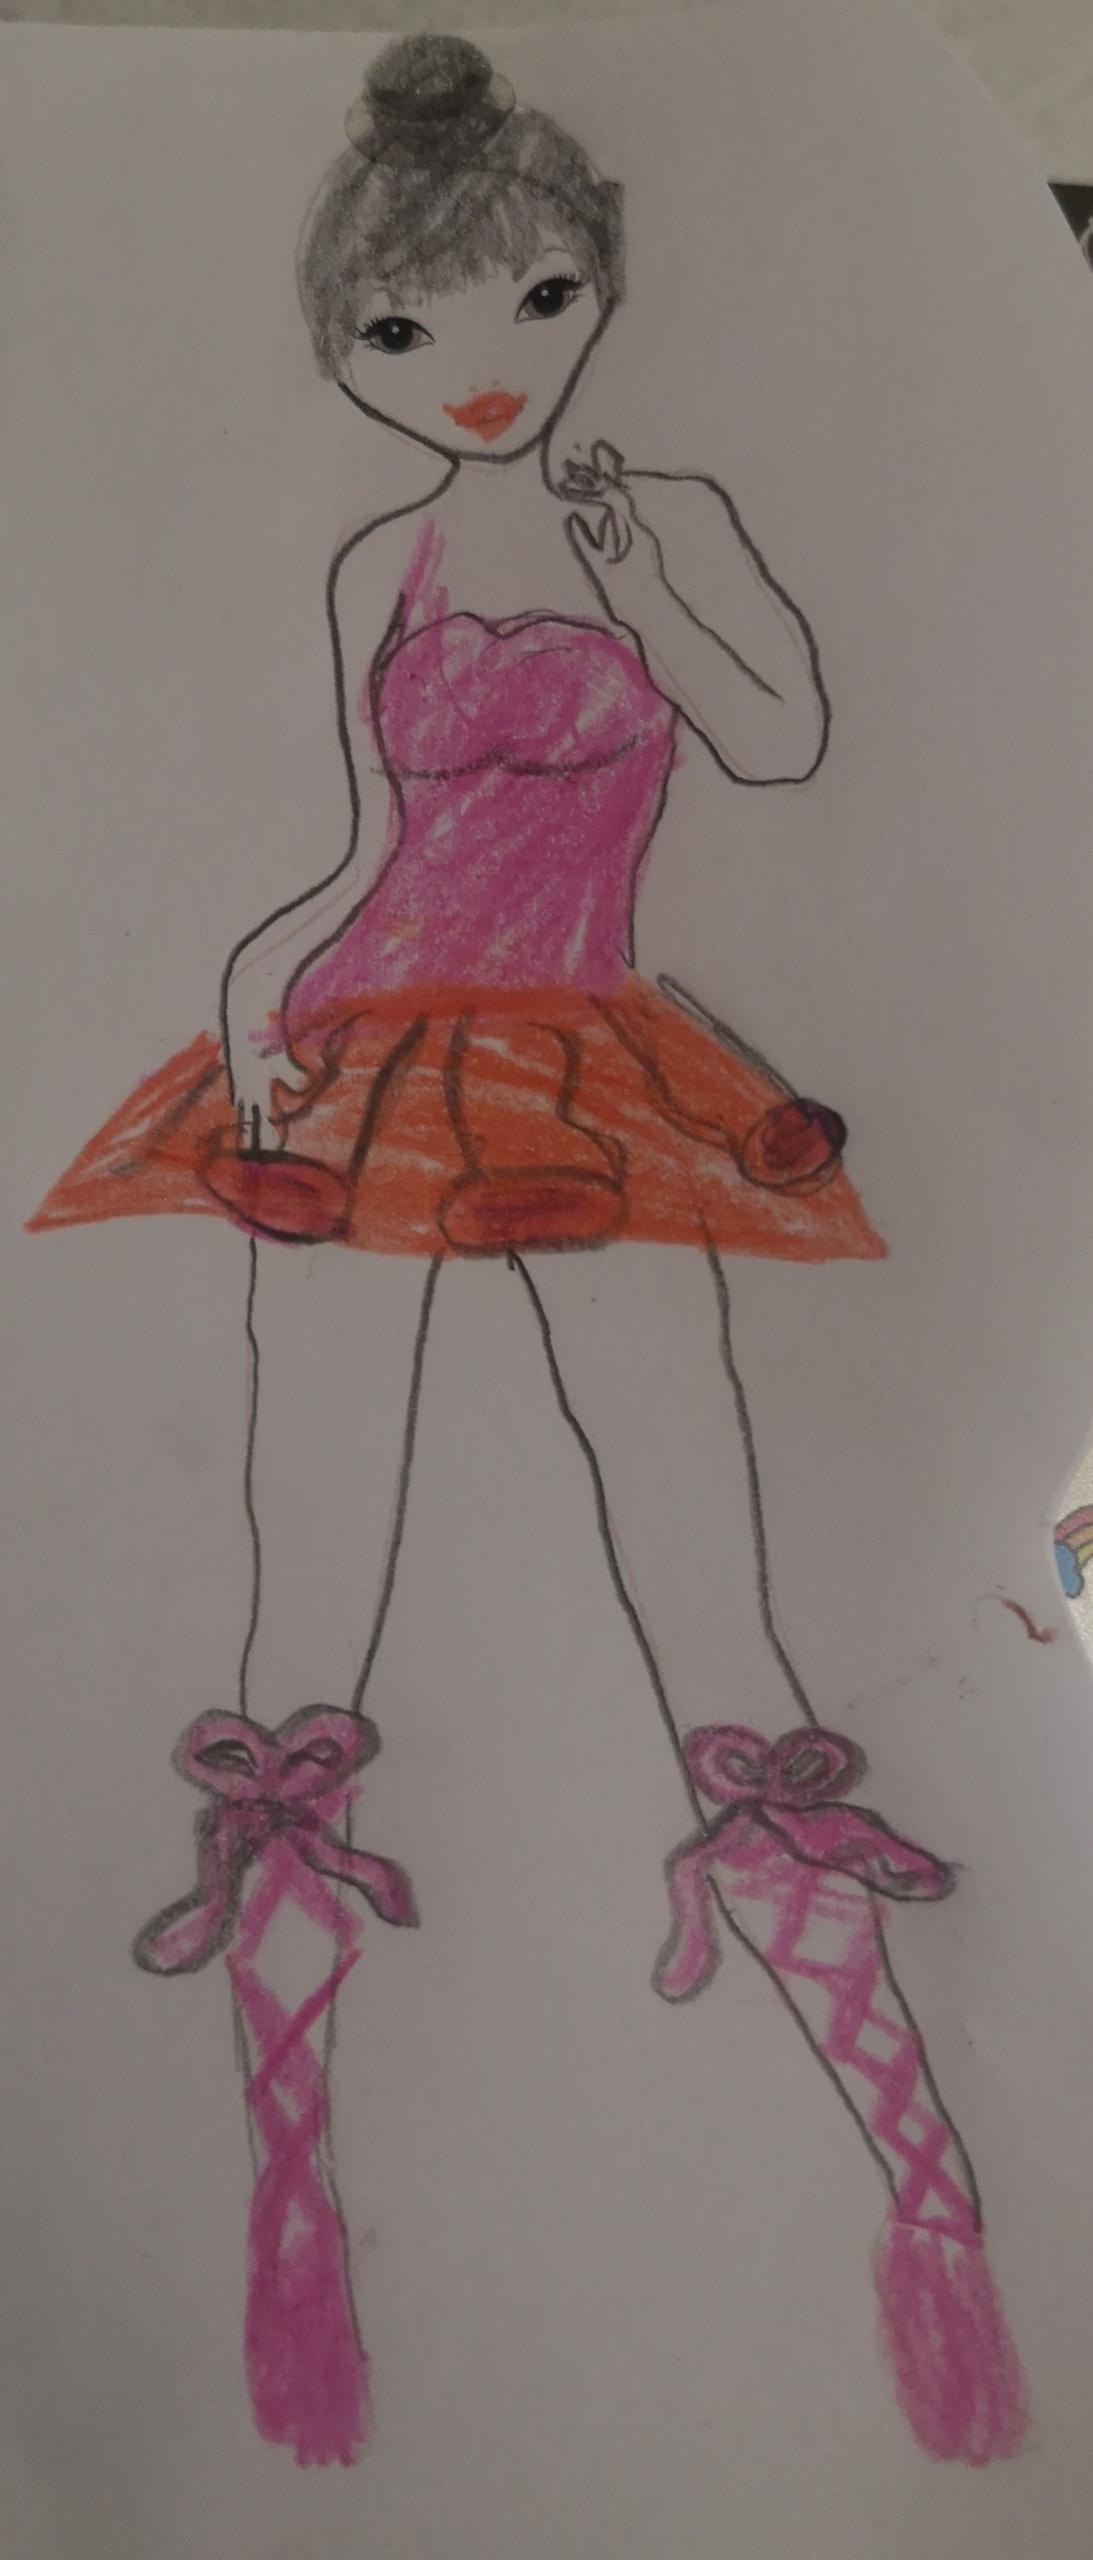 Laura C., 7 Jahre, aus berlin